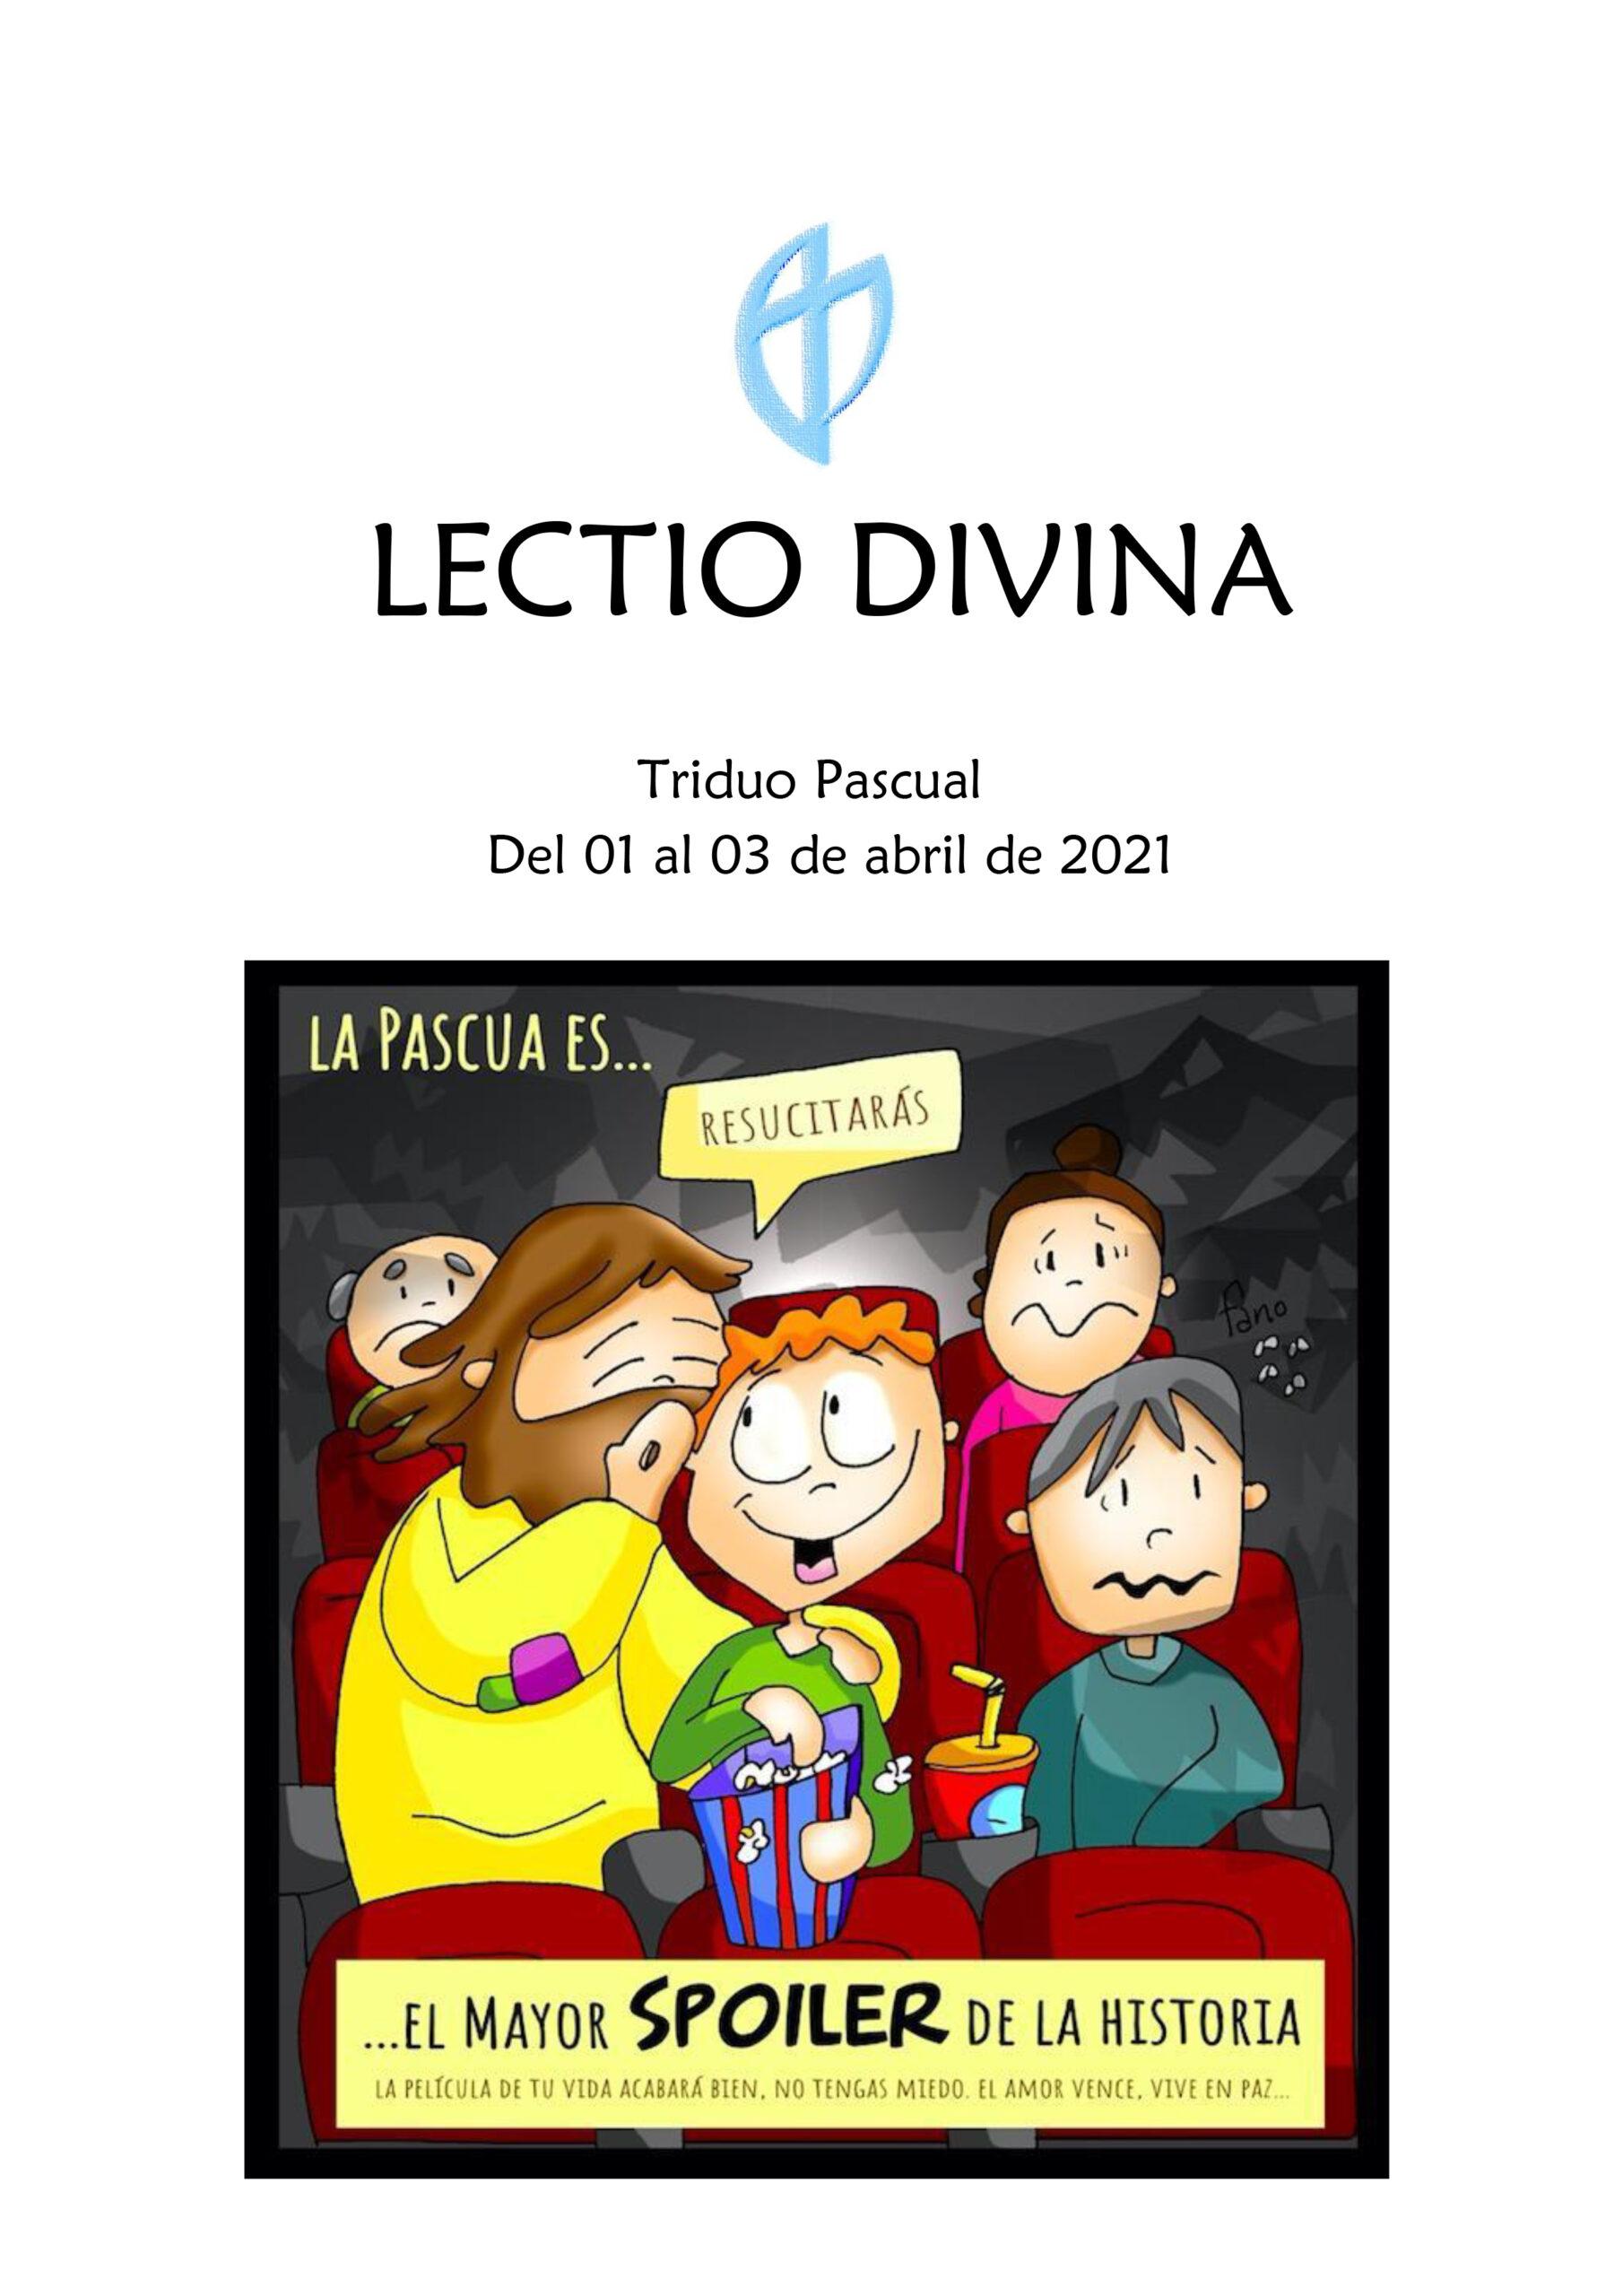 Triduo Pascual Del 01 al 03 de abril de 2021